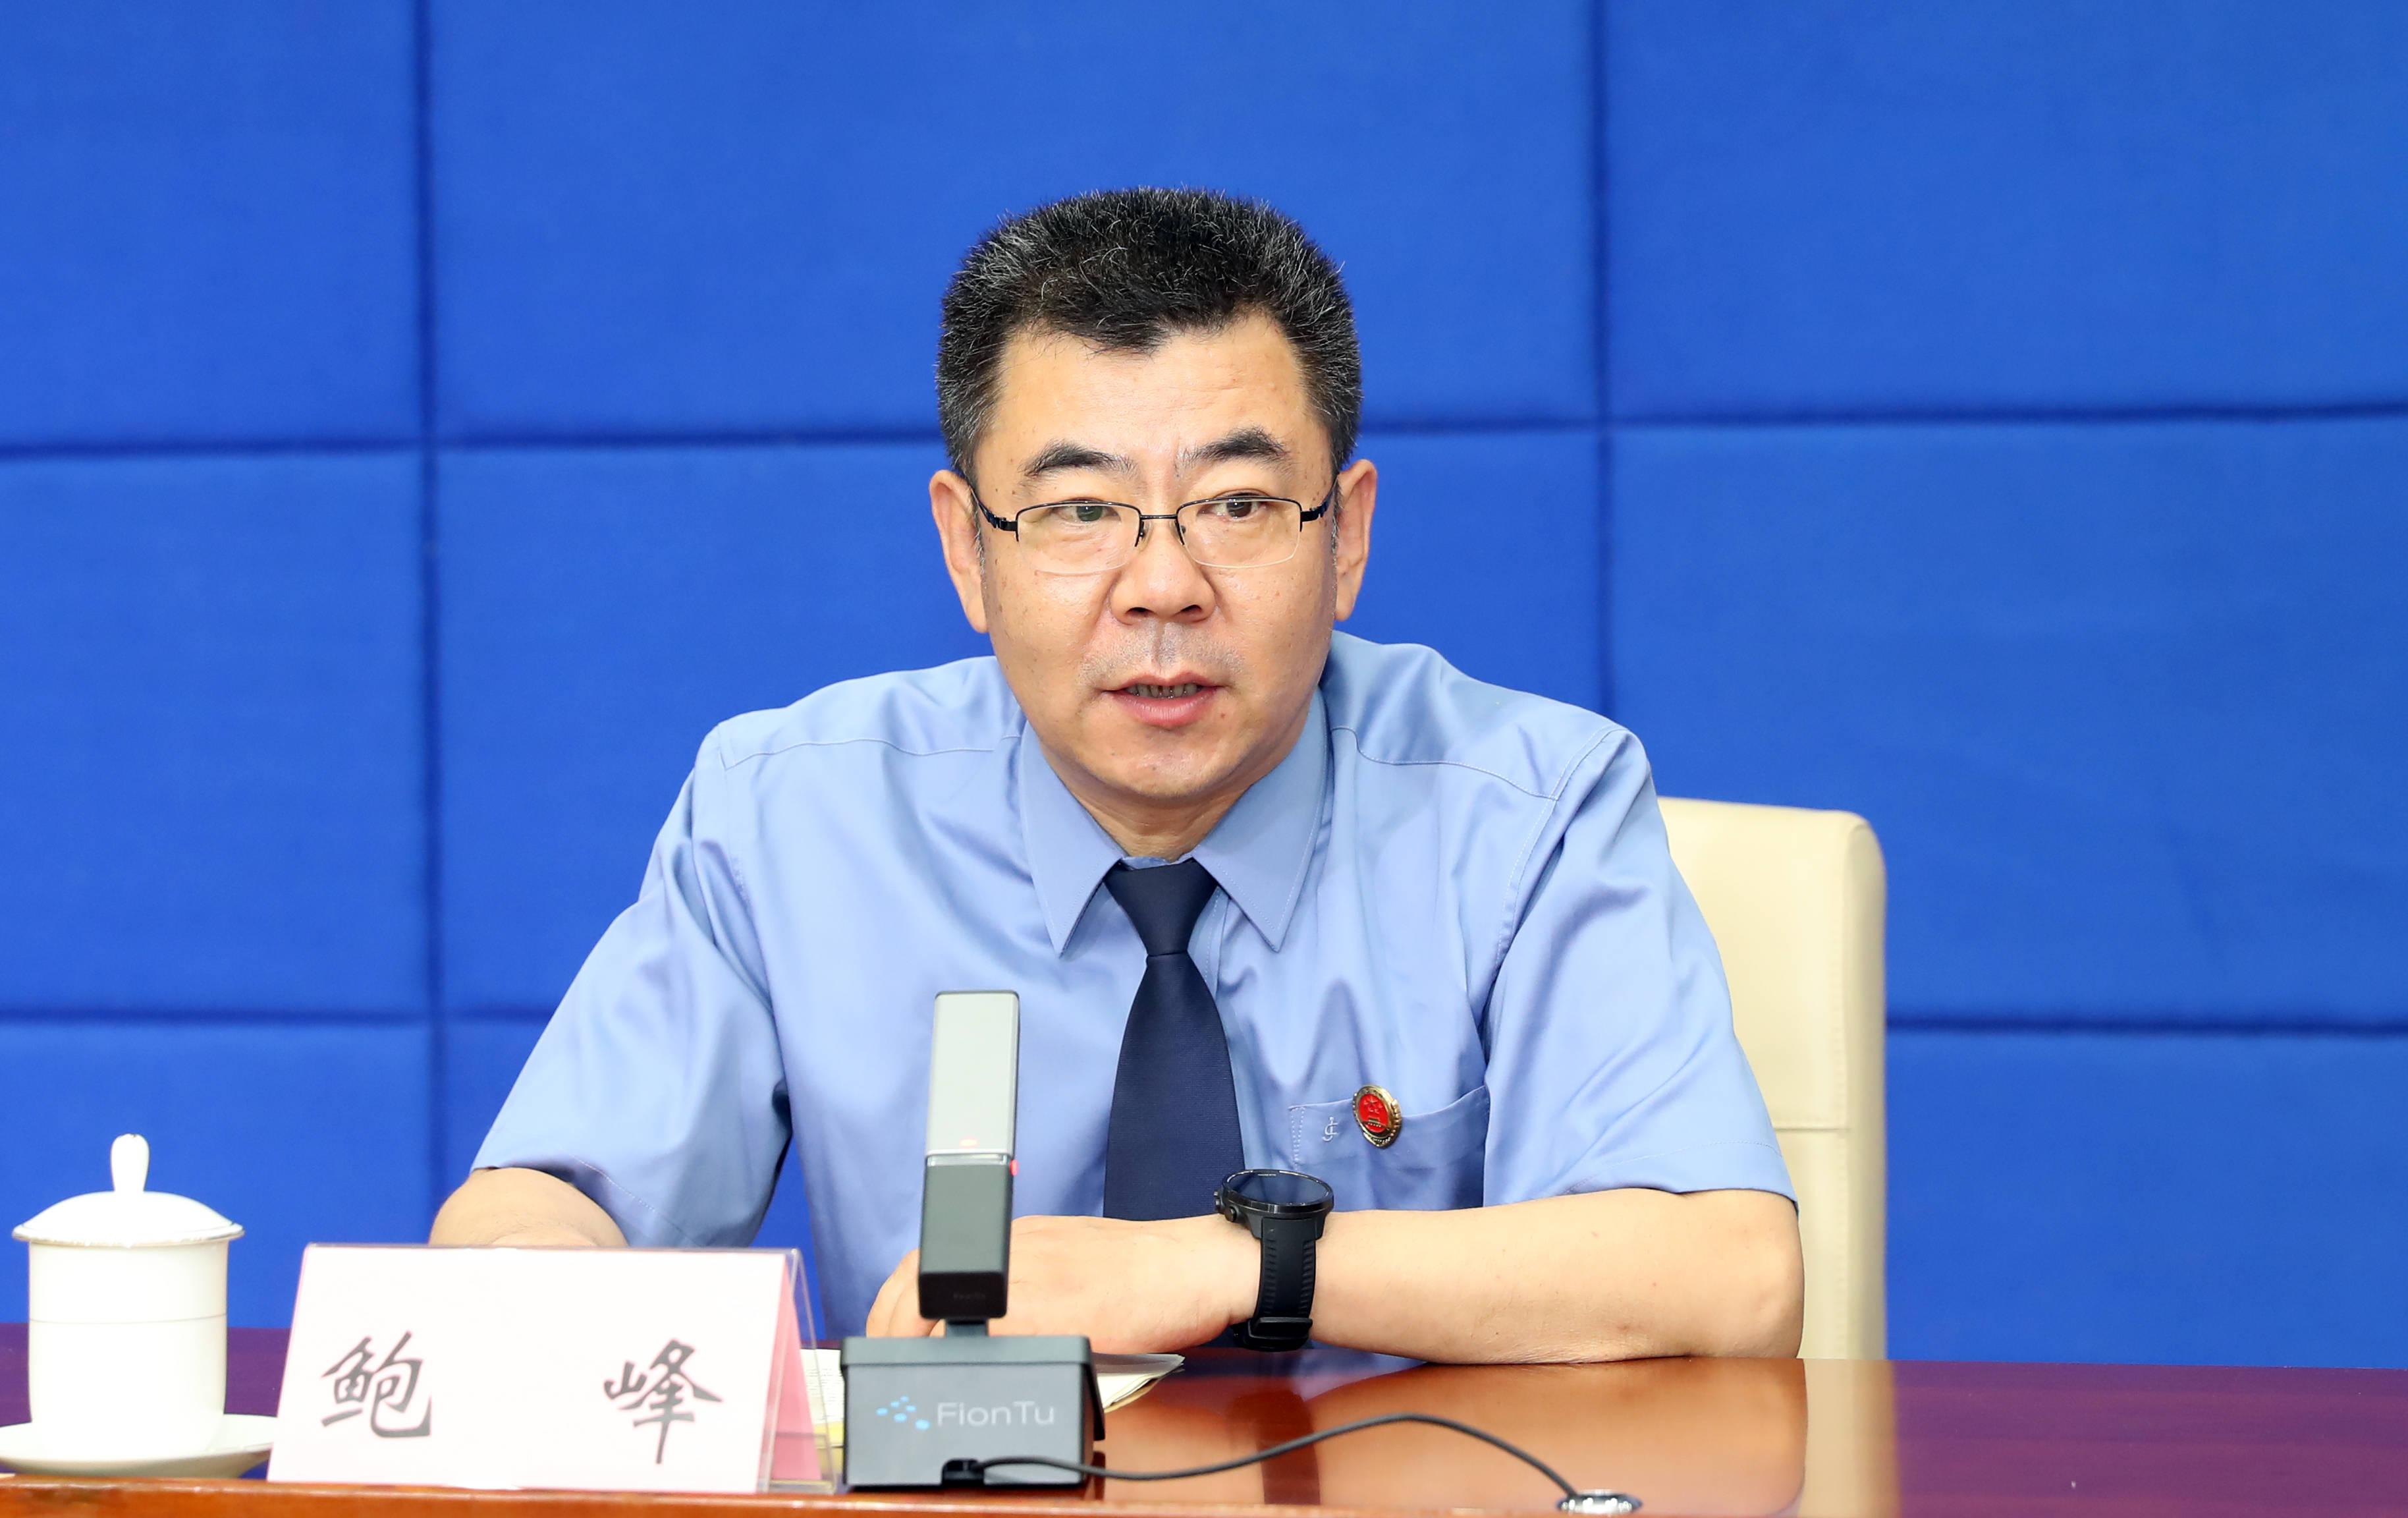 重拳惩治!山东检察机关依法严厉打击侵害未成年人犯罪 近1年半内批捕嫌疑人2739人